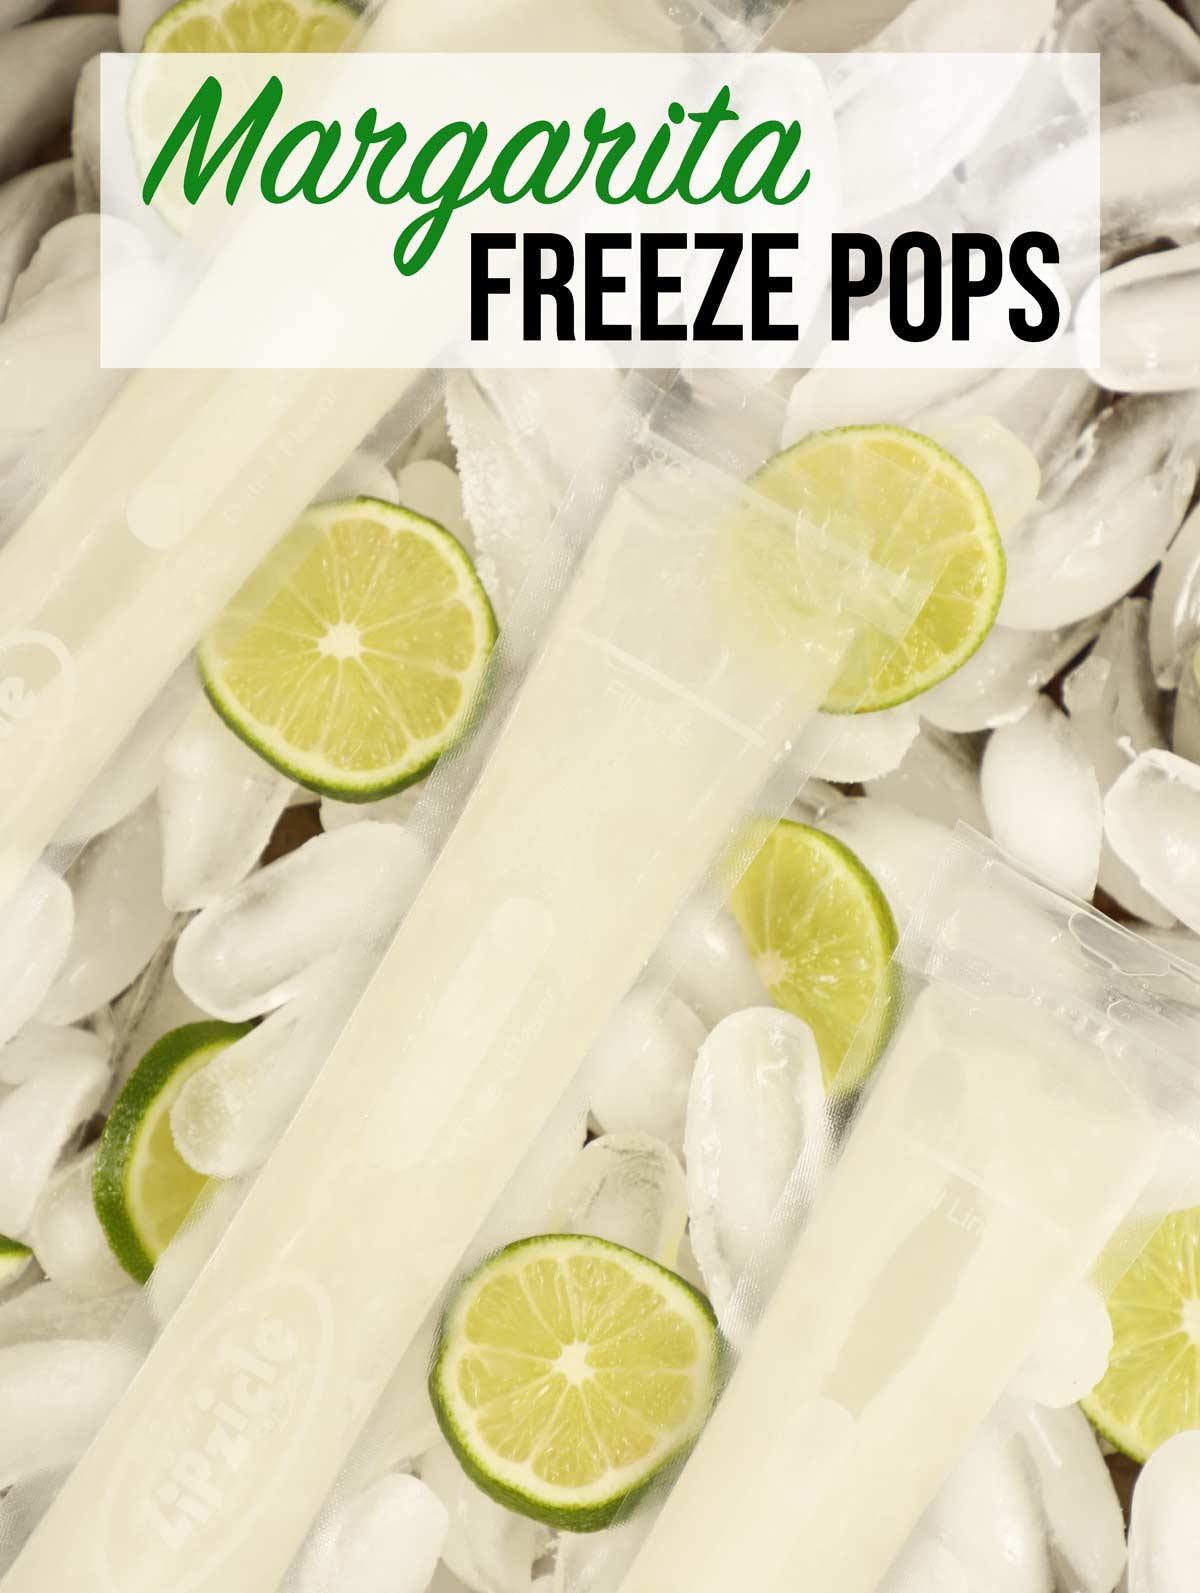 Margarita tequila freeze pops